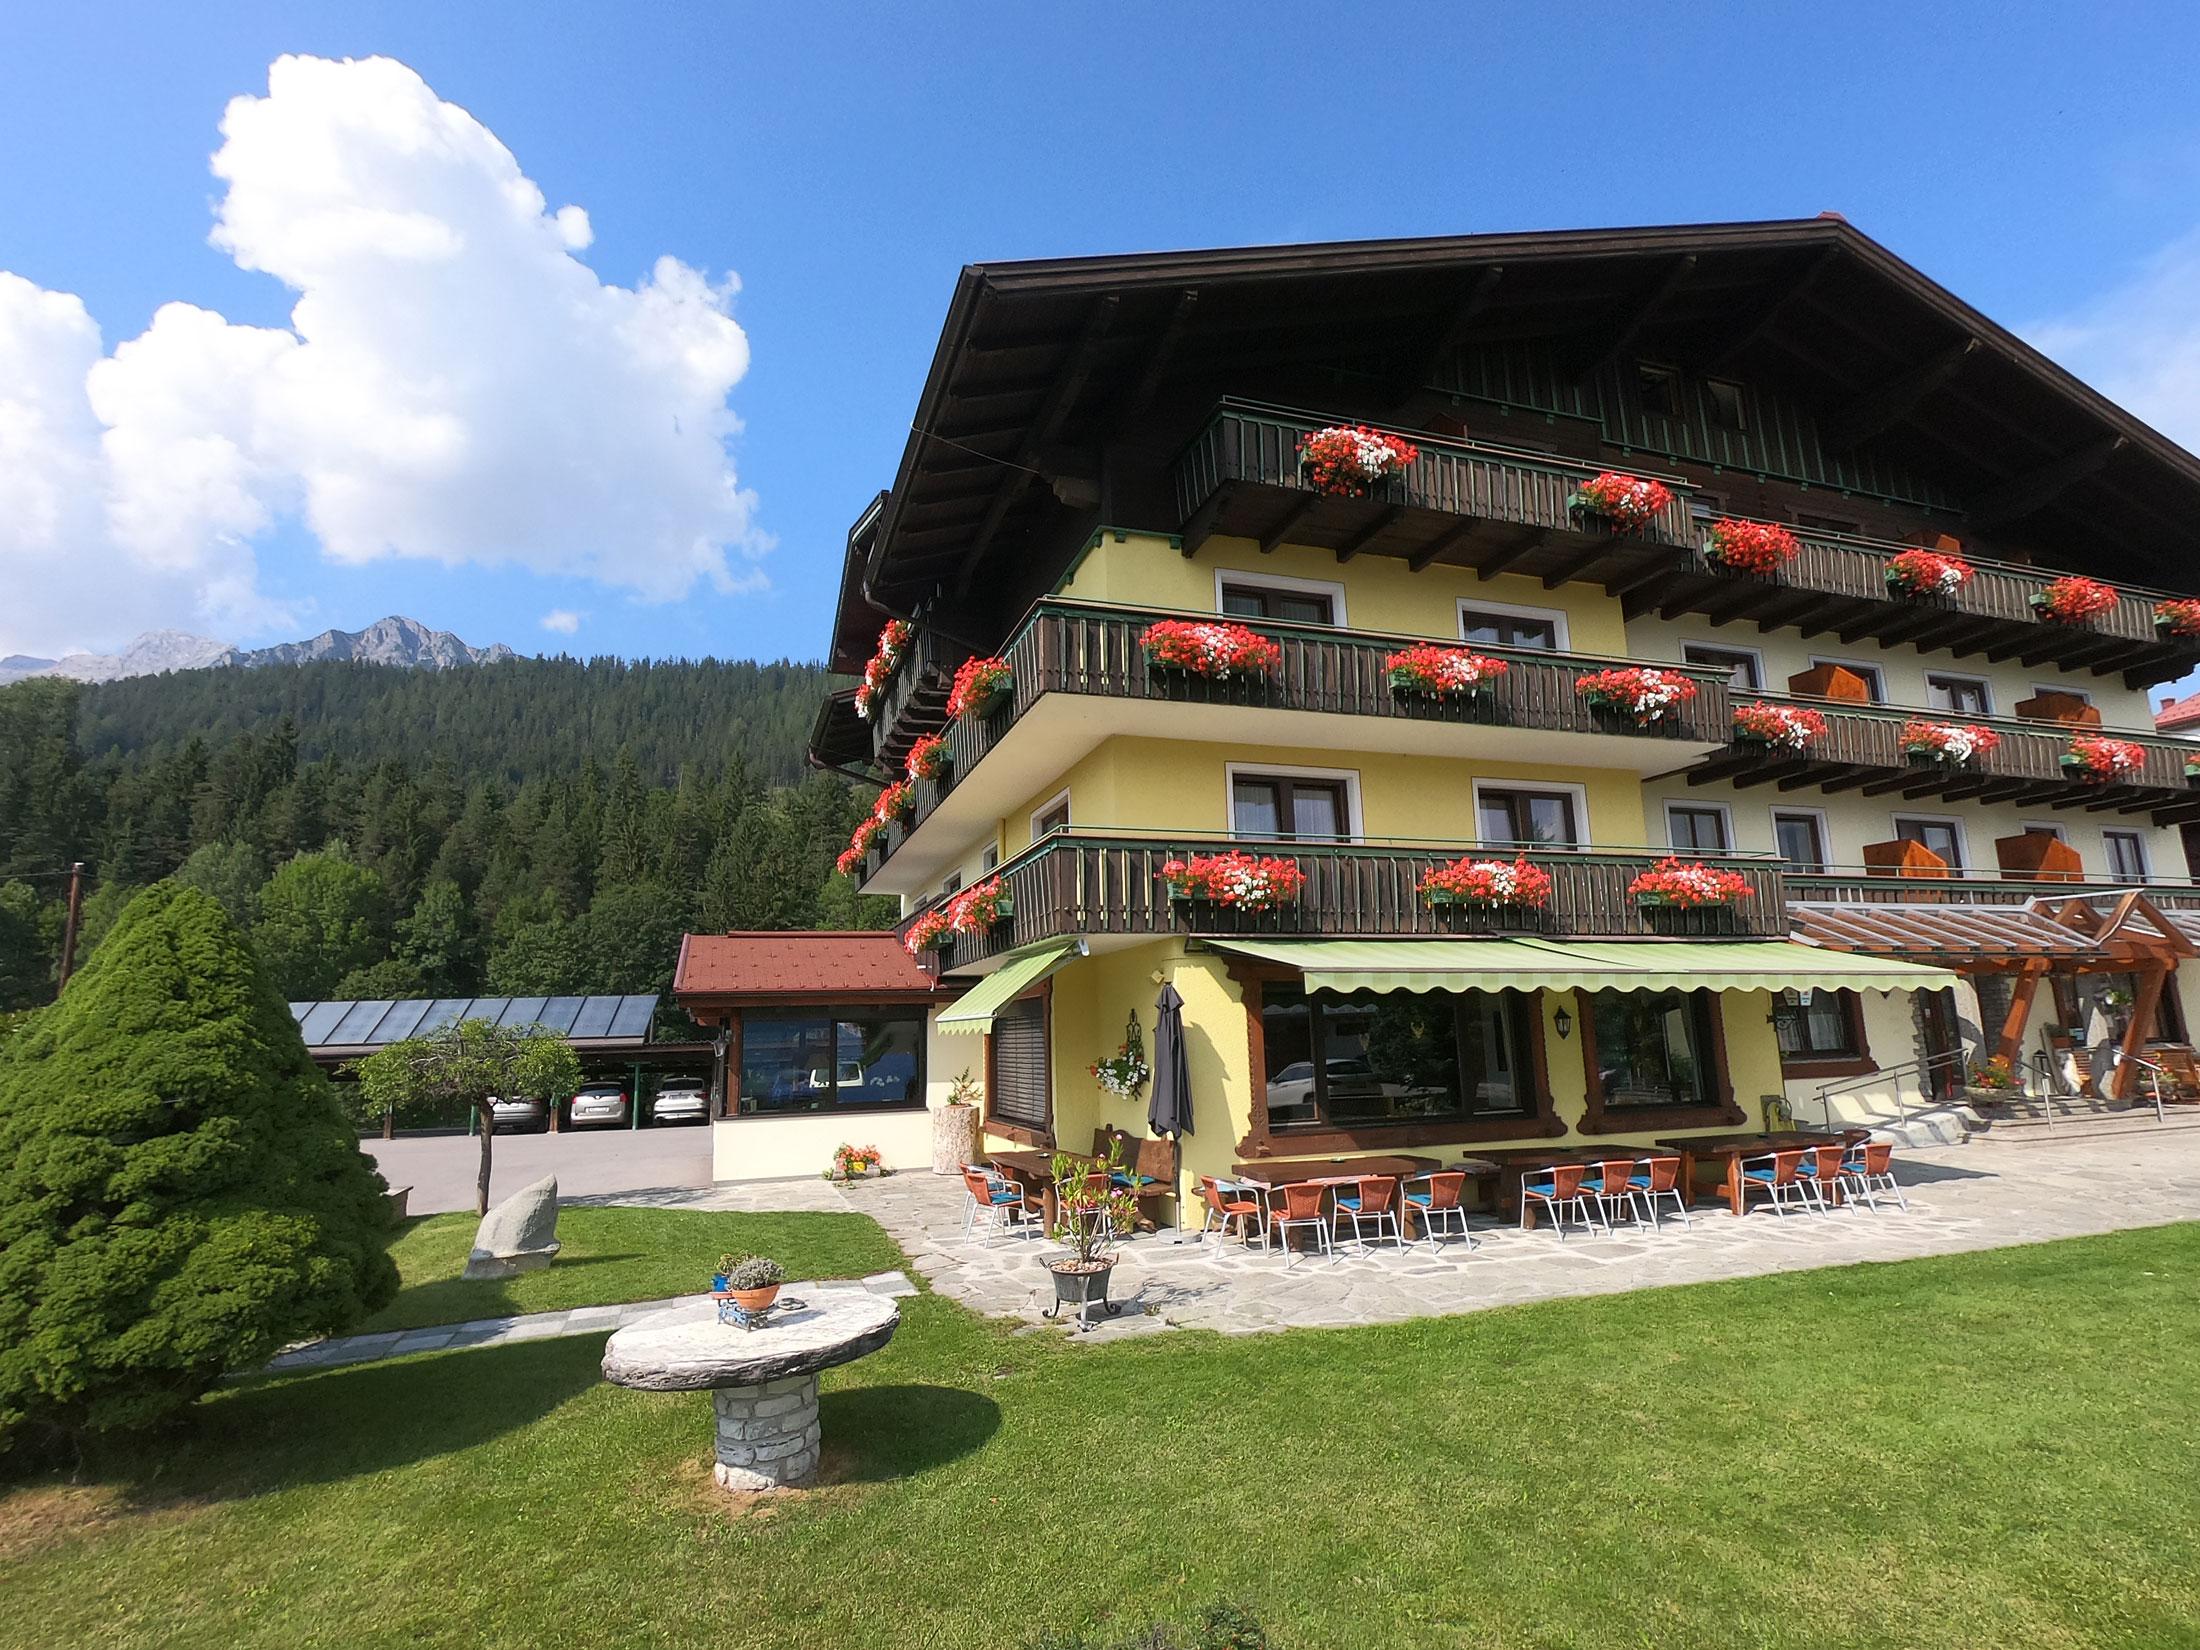 Hotel Timmerbauerhof Sommerterrasse